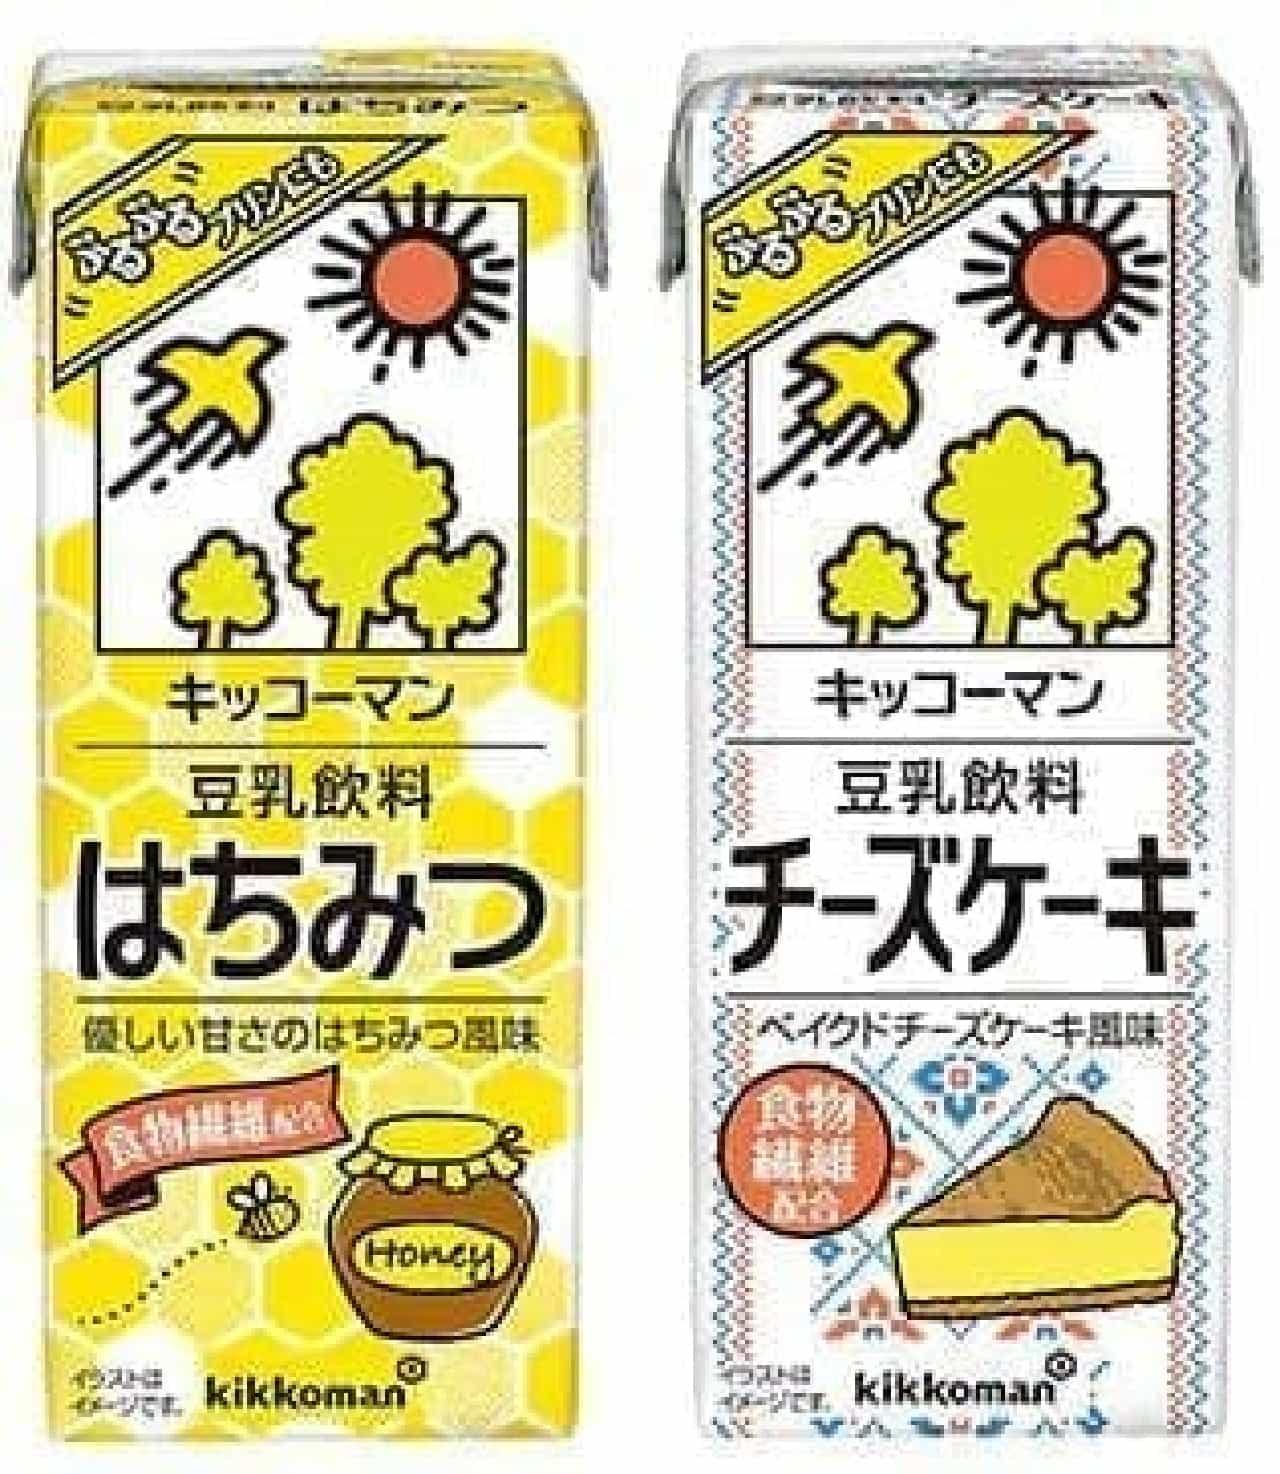 「キッコーマン 豆乳飲料 はちみつ」「キッコーマン 豆乳飲料 チーズケーキ」